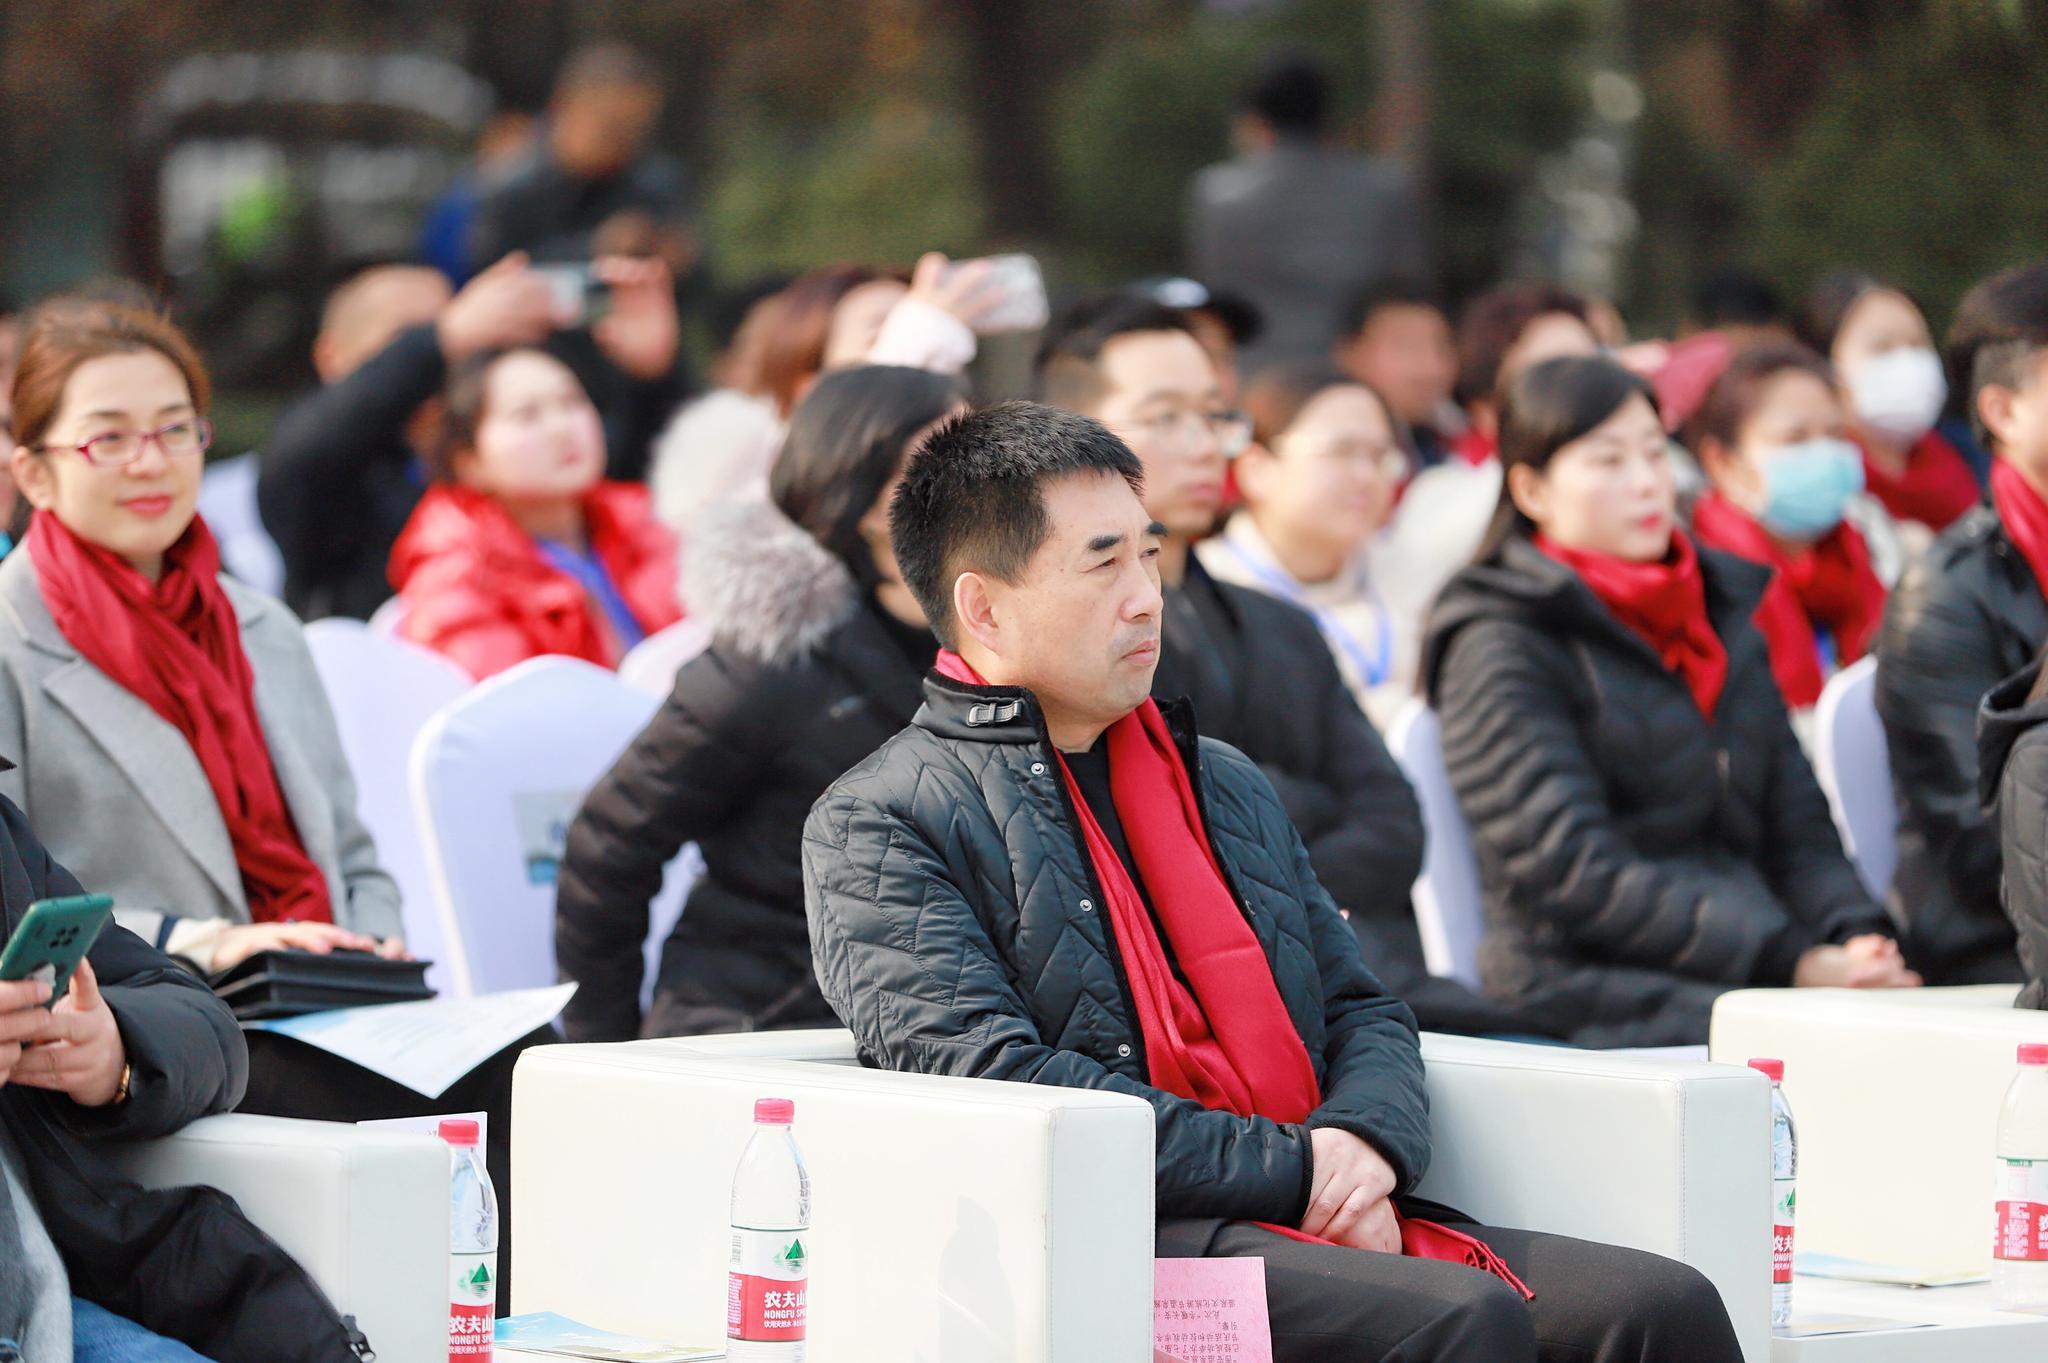 冬暖长安,极享生活2020西安温泉文化旅游节今日开幕